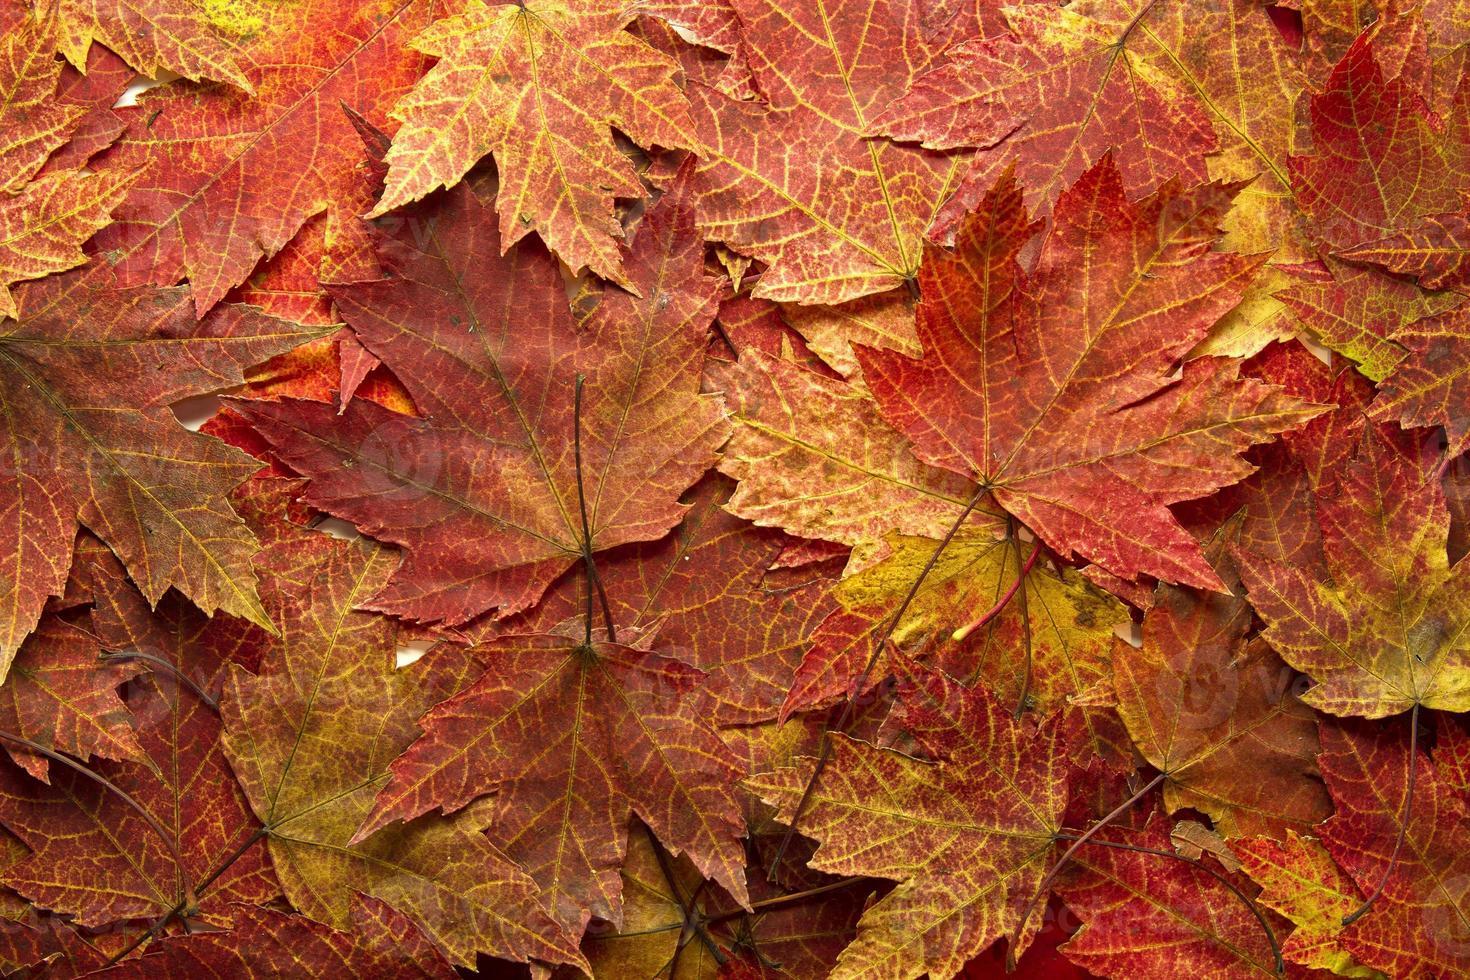 fond de feuilles d'érable automne rouge photo